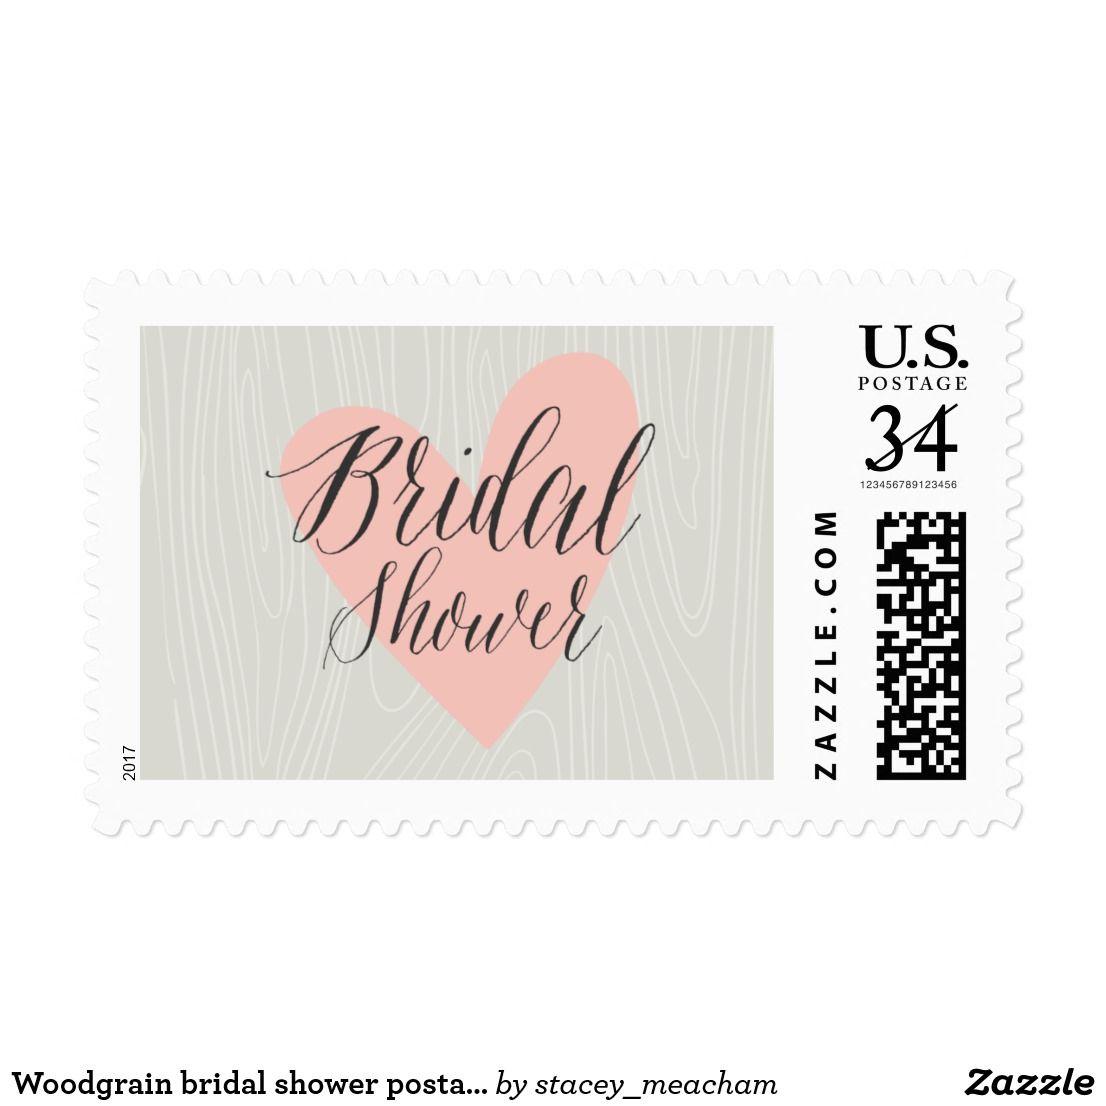 Woodgrain bridal shower postage stamp A modern bridal shower stamp ...